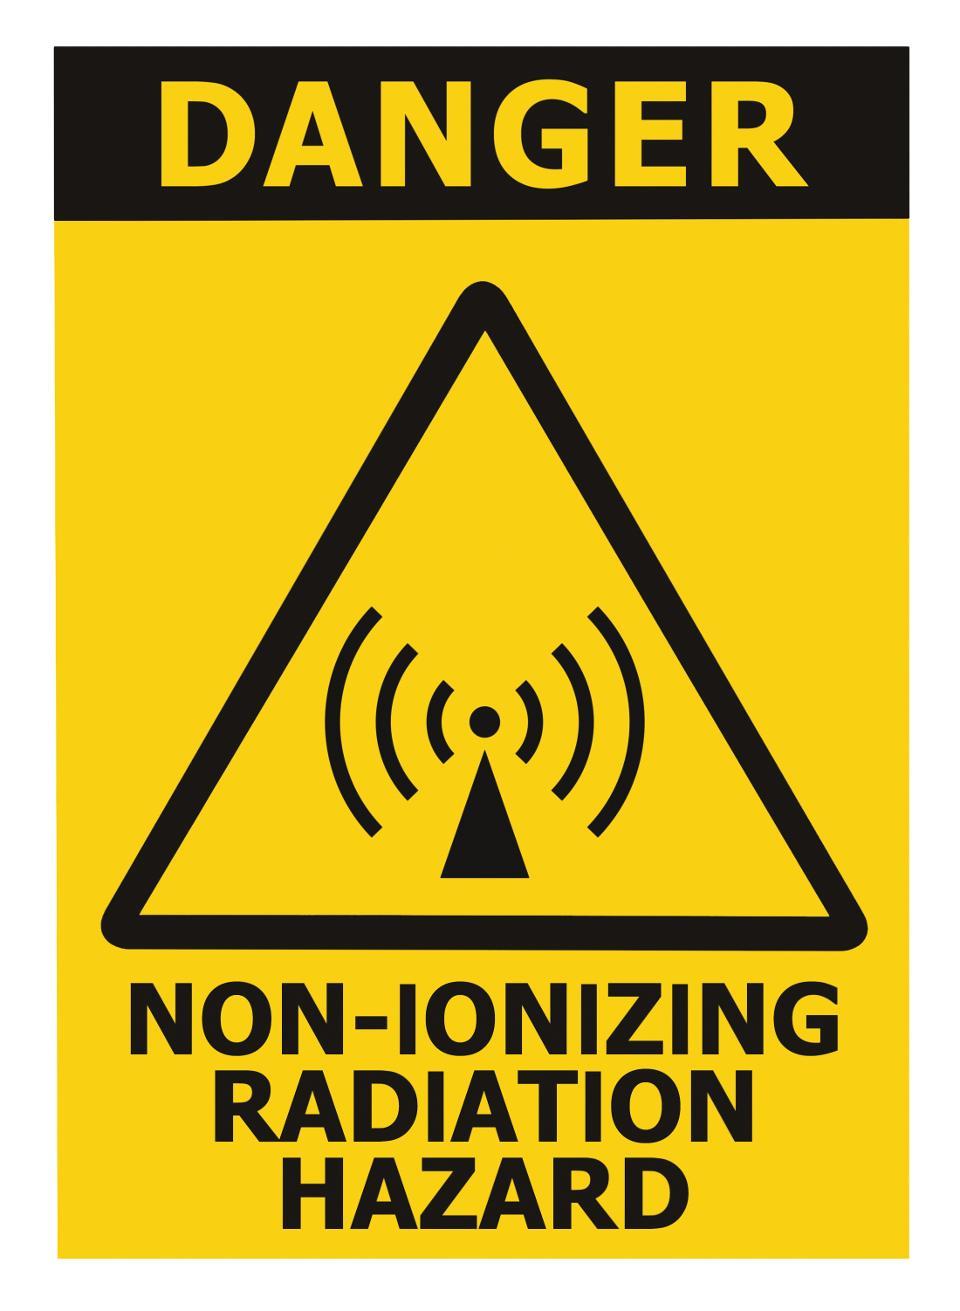 电磁健康危机 如果生物一直暴露在自然电磁场中并且它们